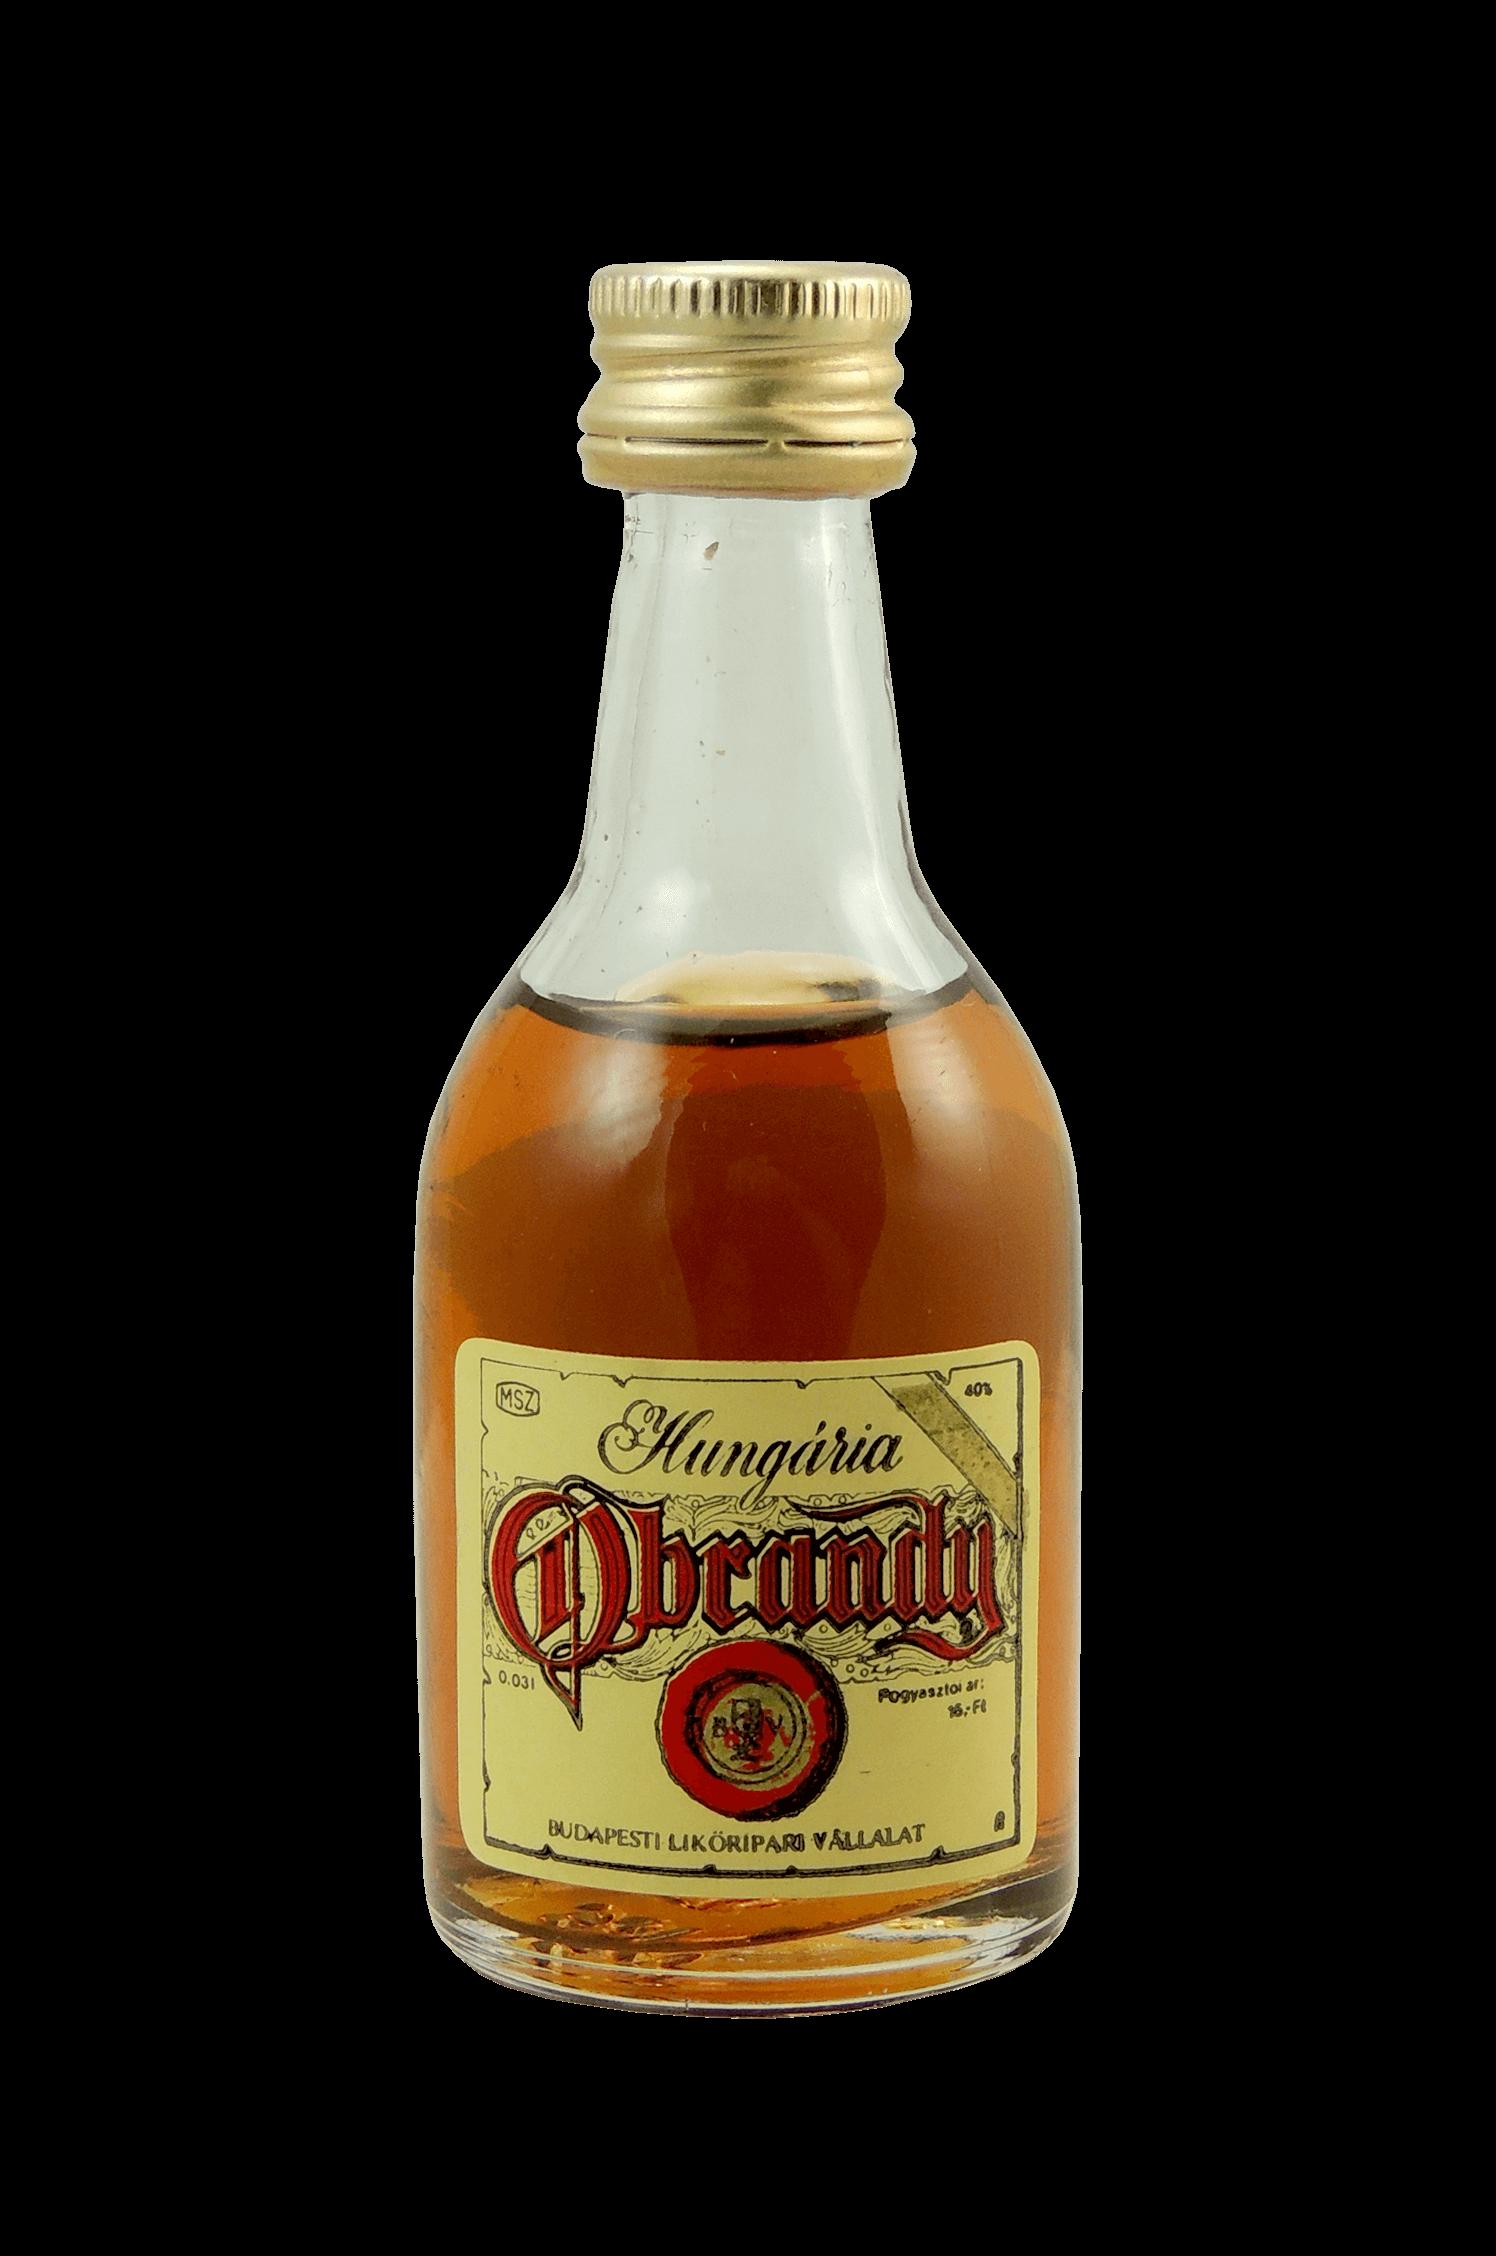 Hungária Brandy